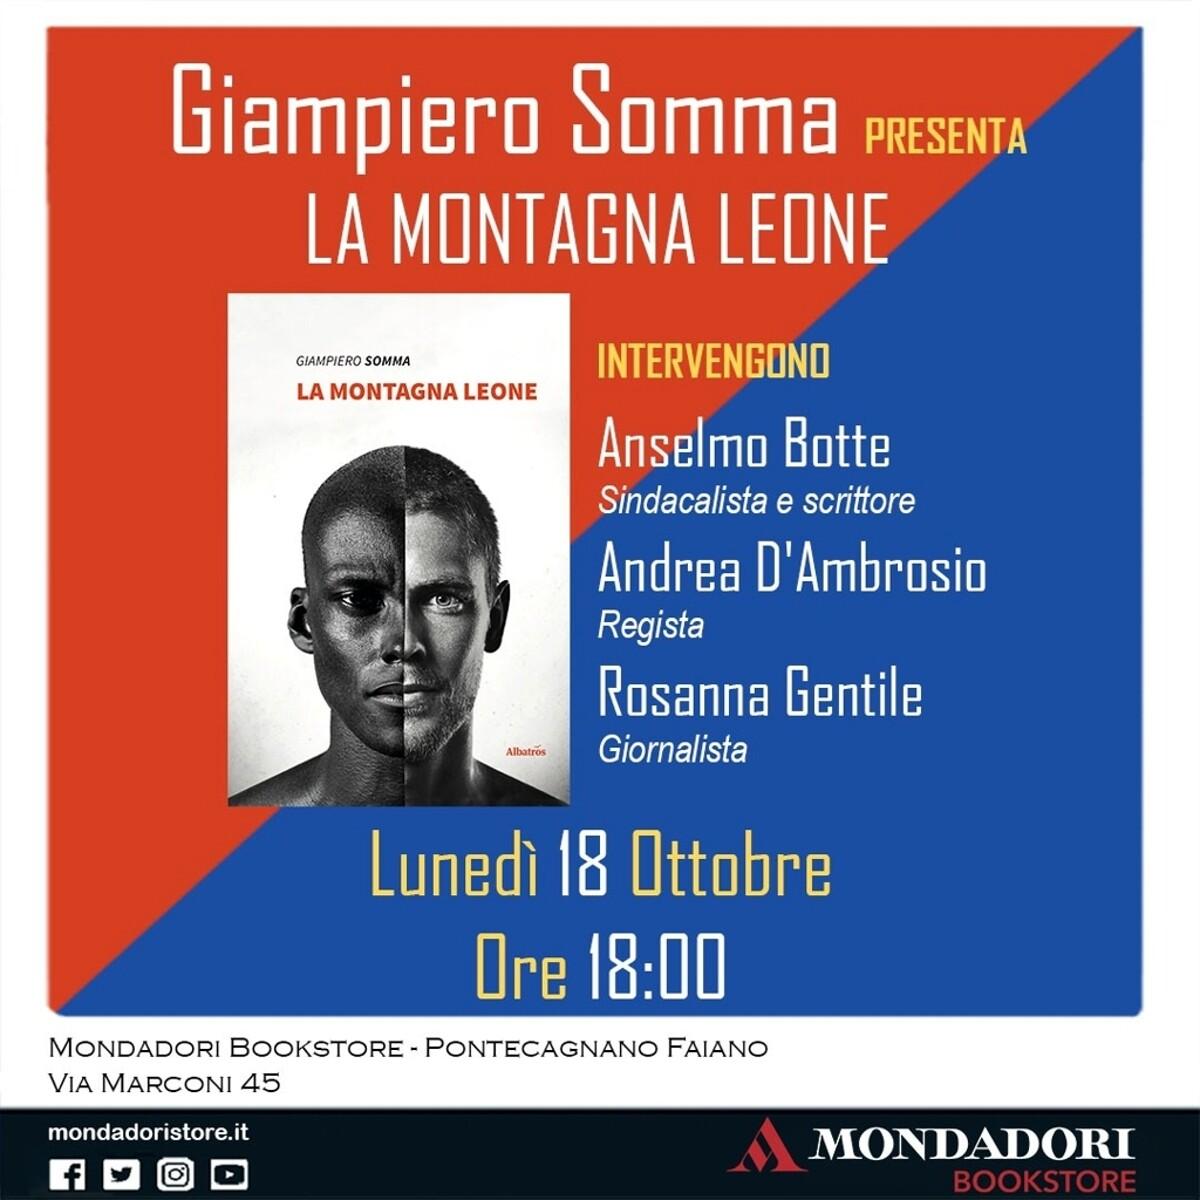 Il primo evento della Mondadori bookstore di Pontecagnano con la presentazione del libro di Somma